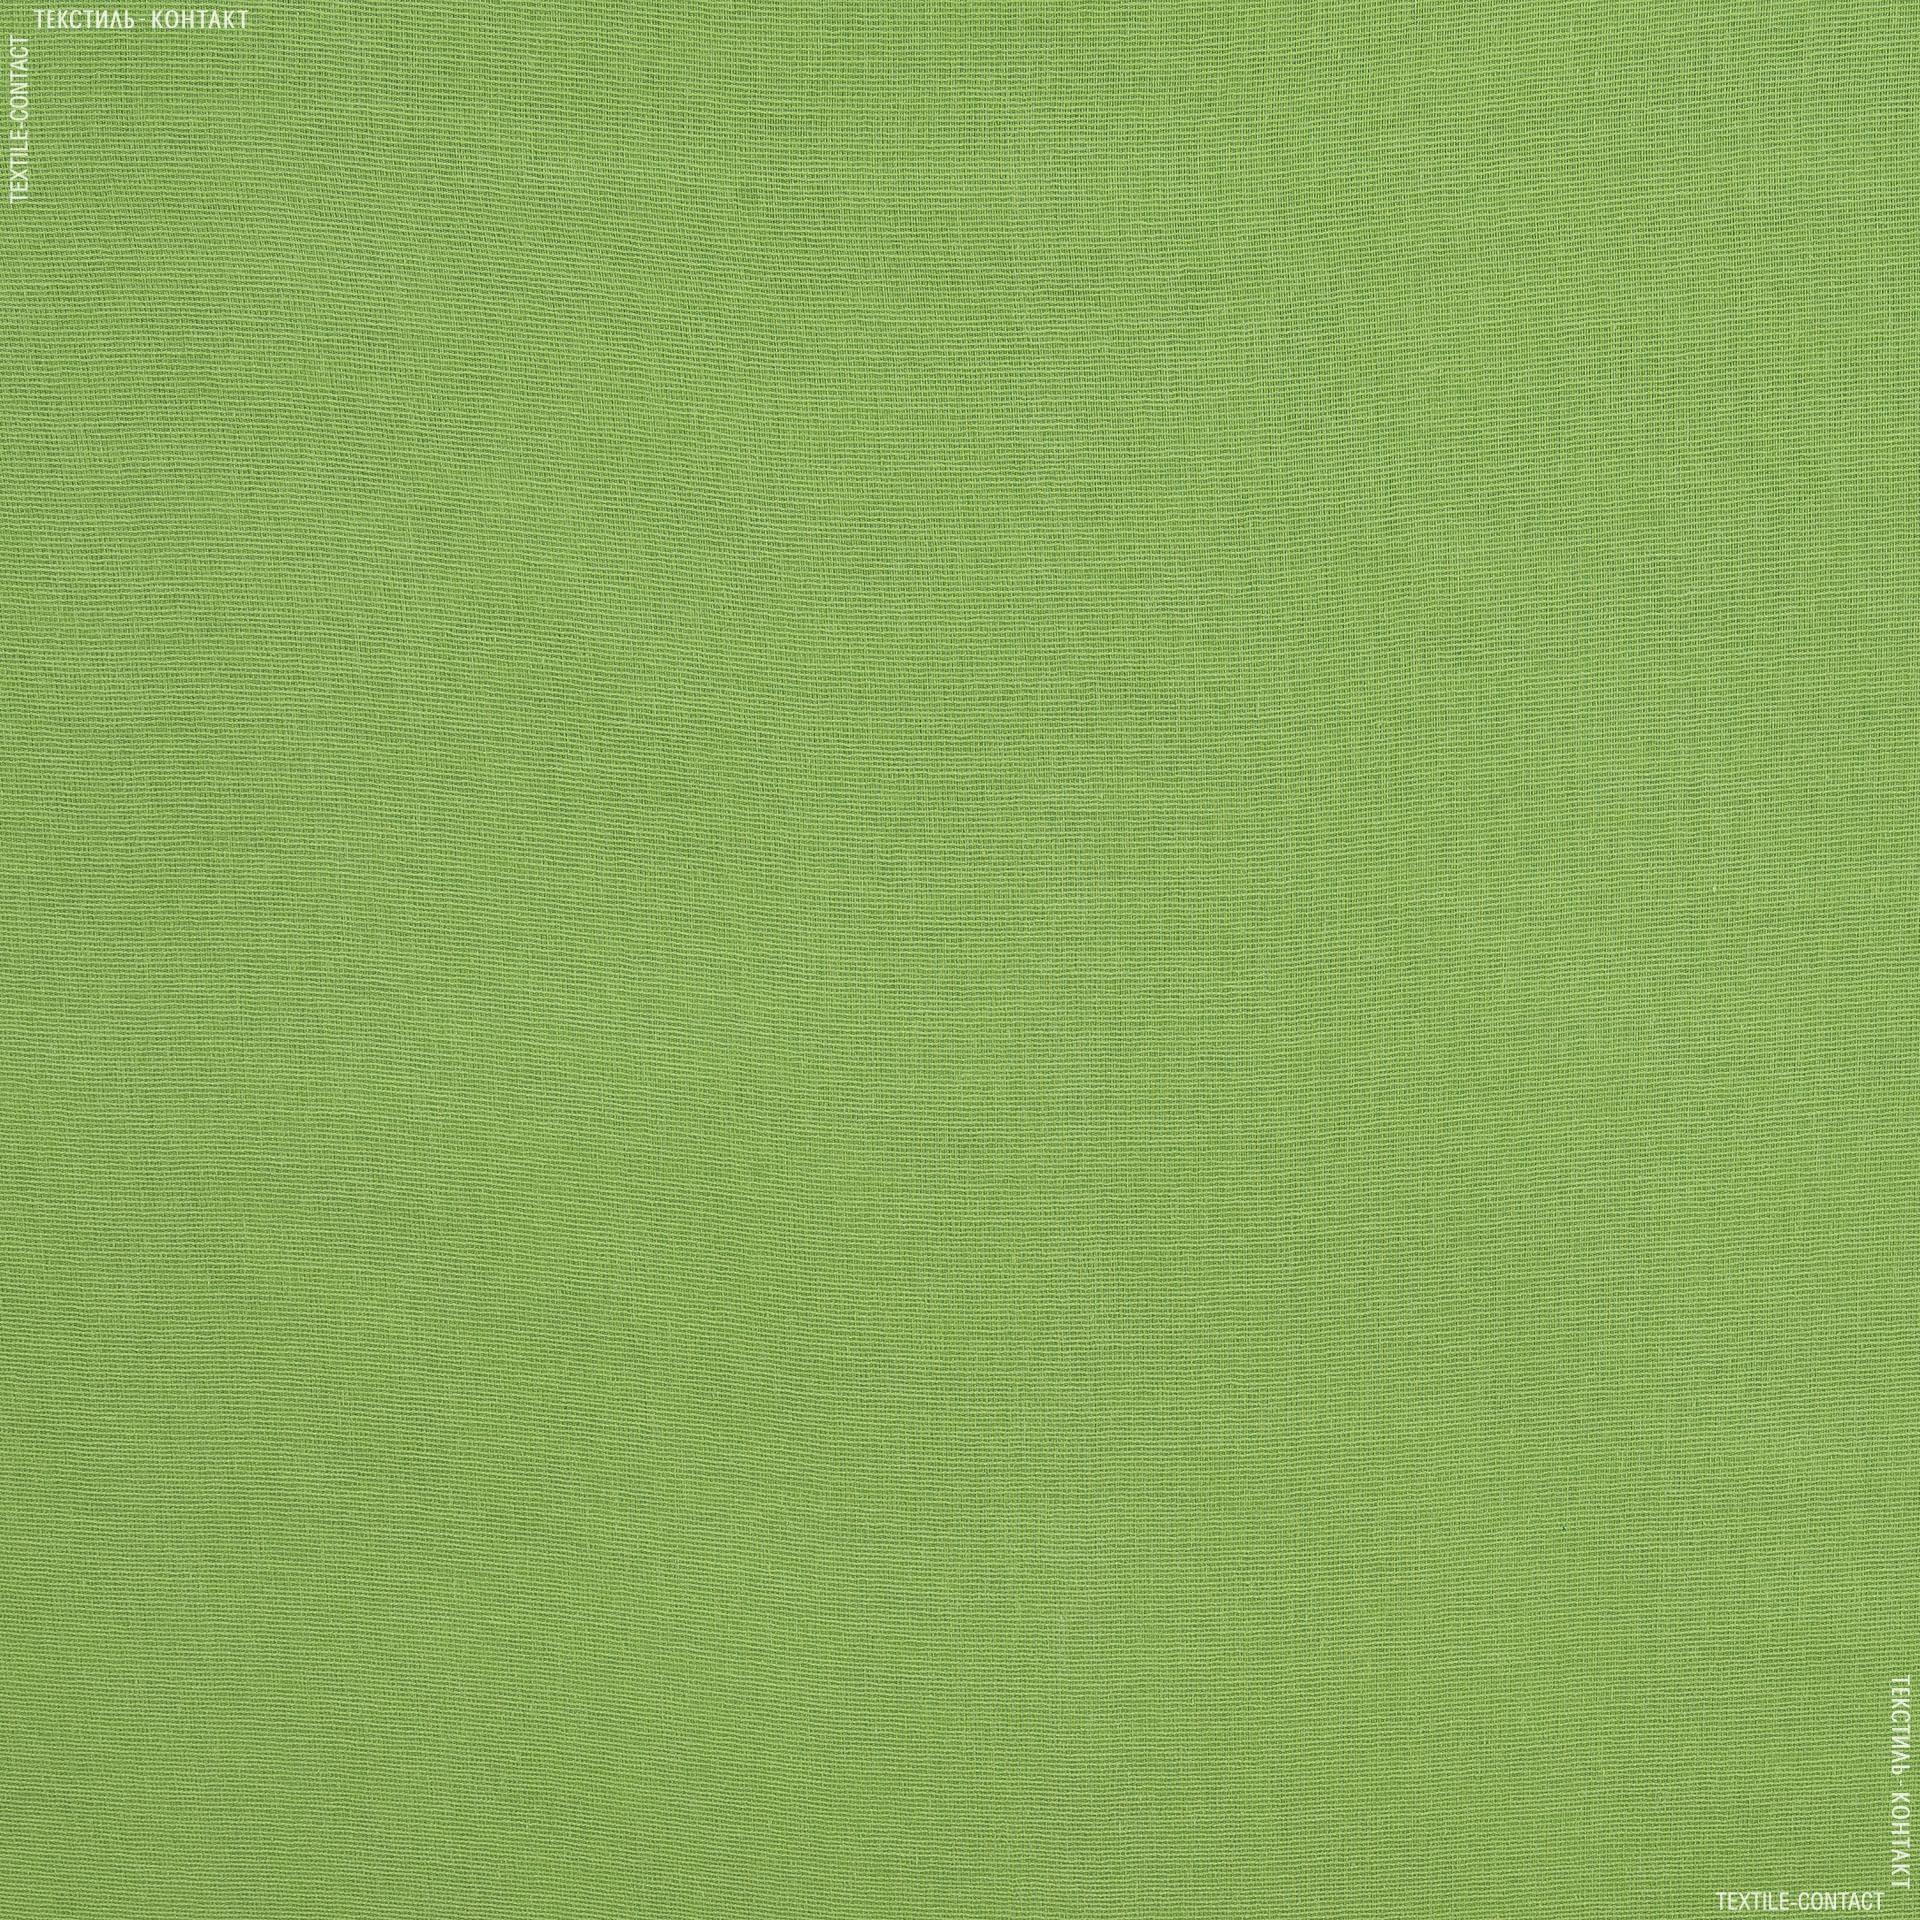 Ткани все ткани - Ситец салатовый